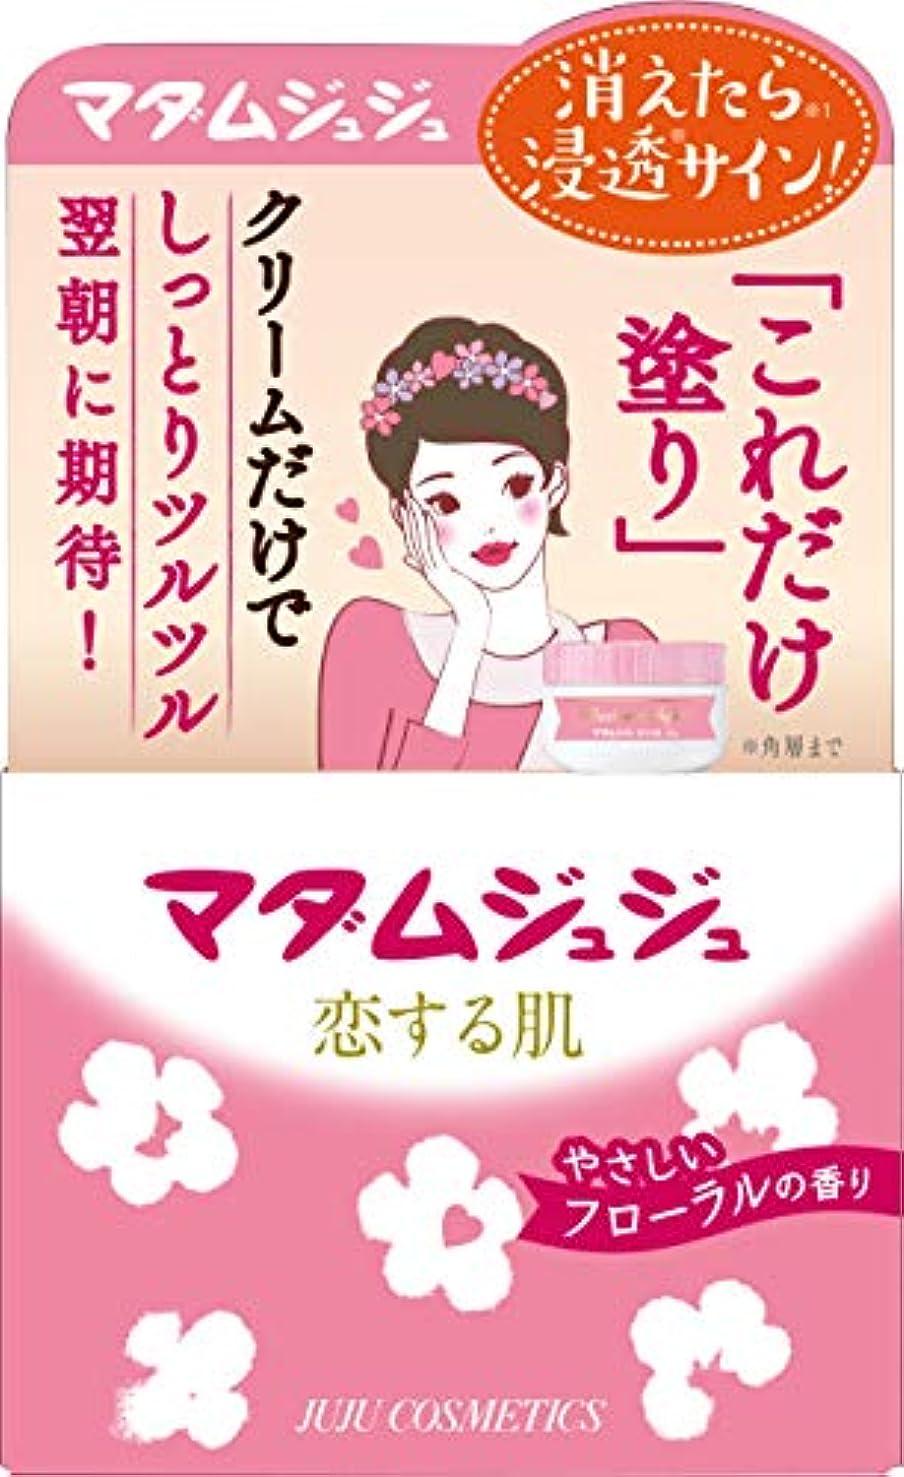 ヒープ伝記実証するマダムジュジュ 恋する肌 やさしいフローラルの香り 45g